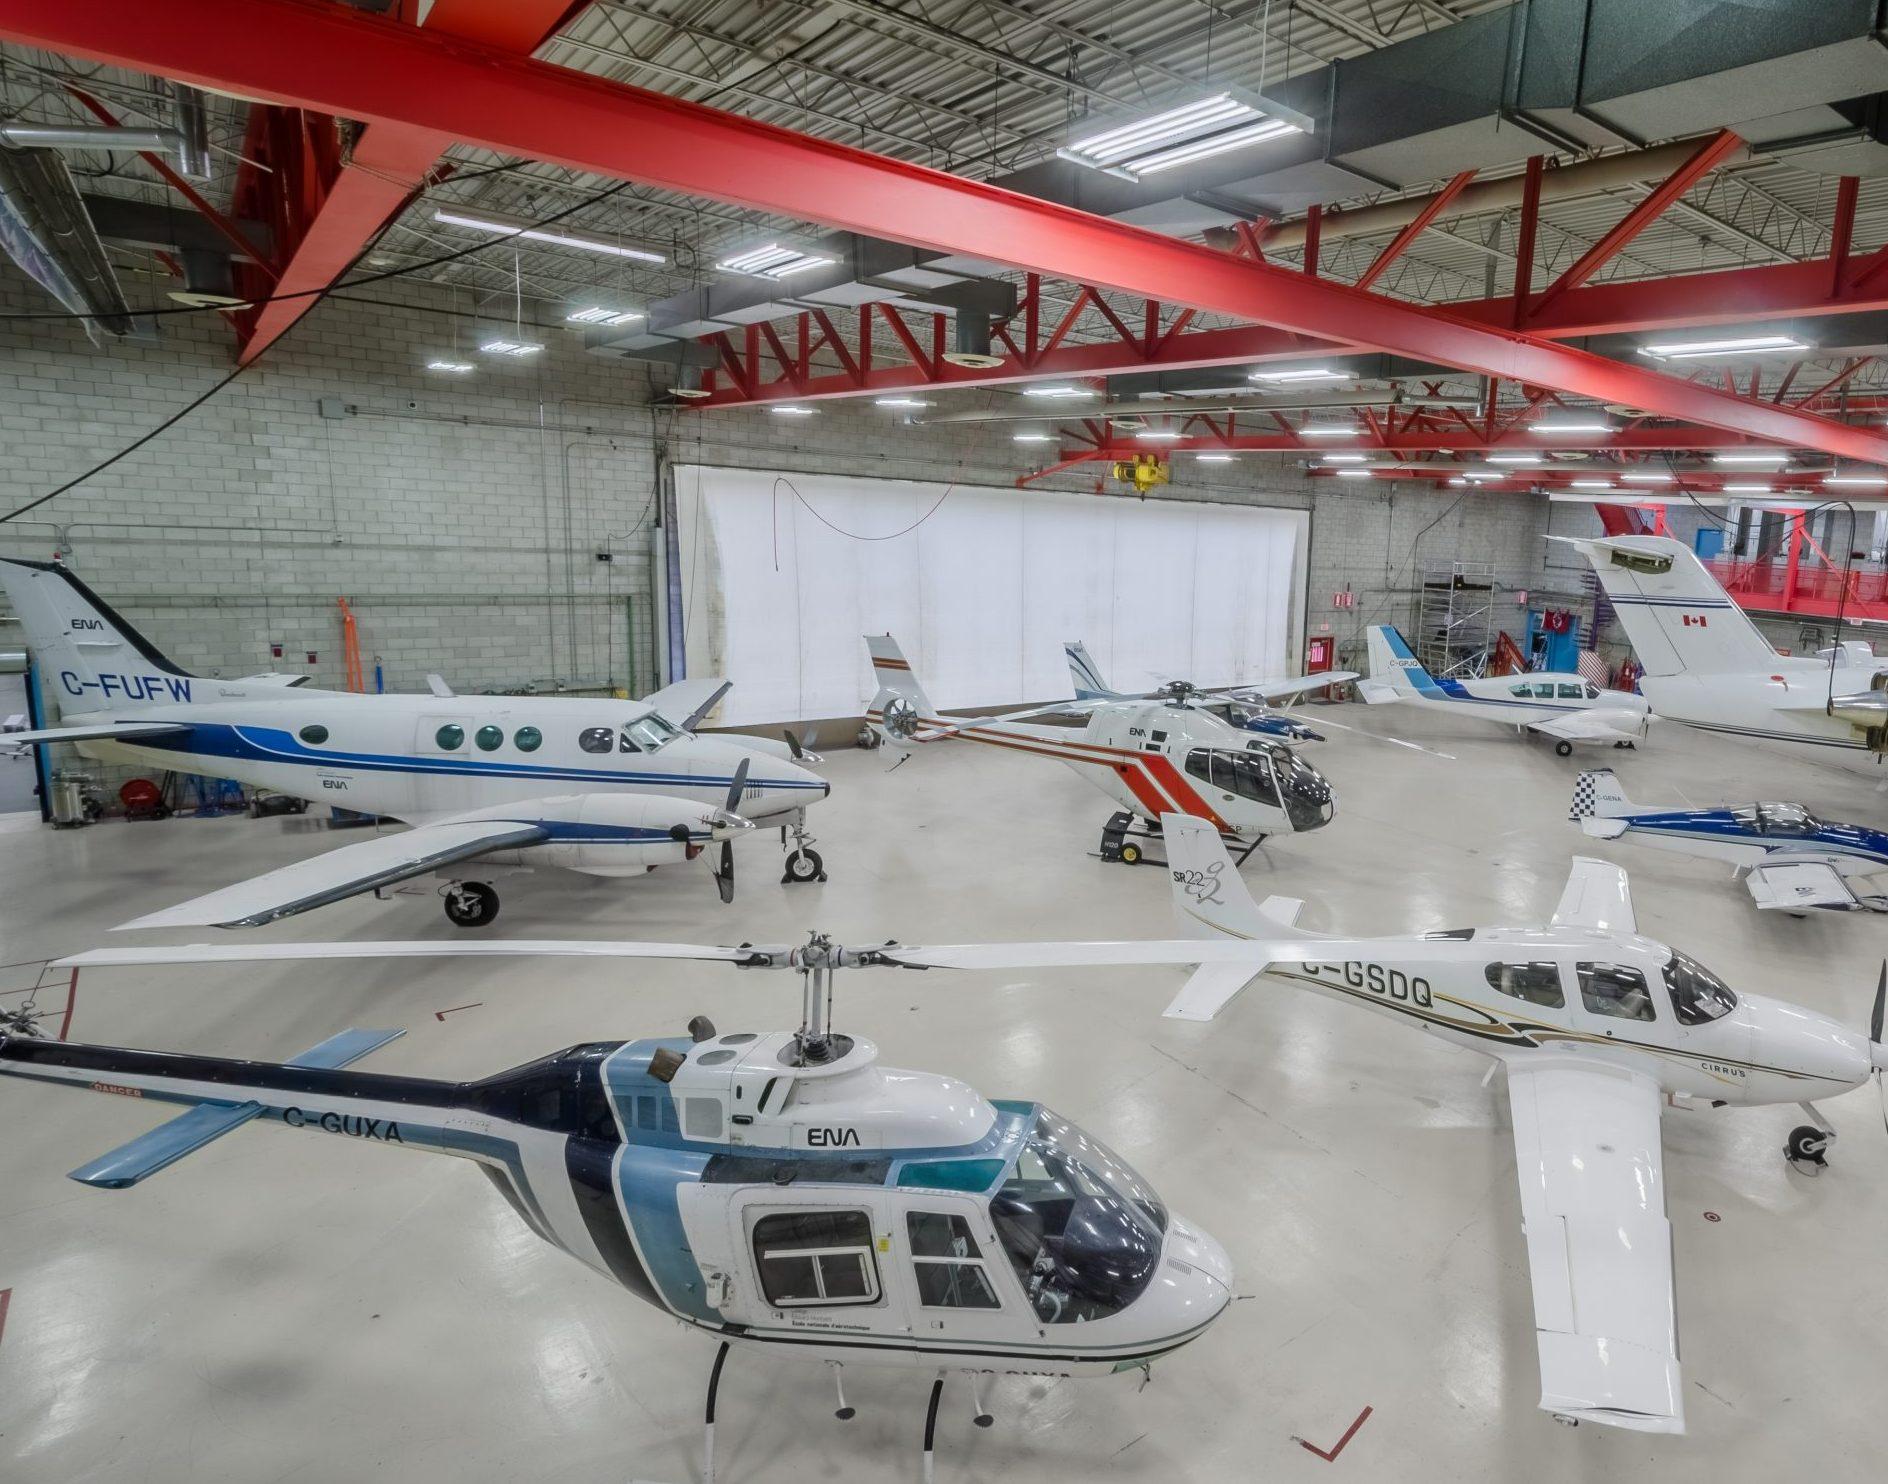 Hangar École nationale d'aérotechnique